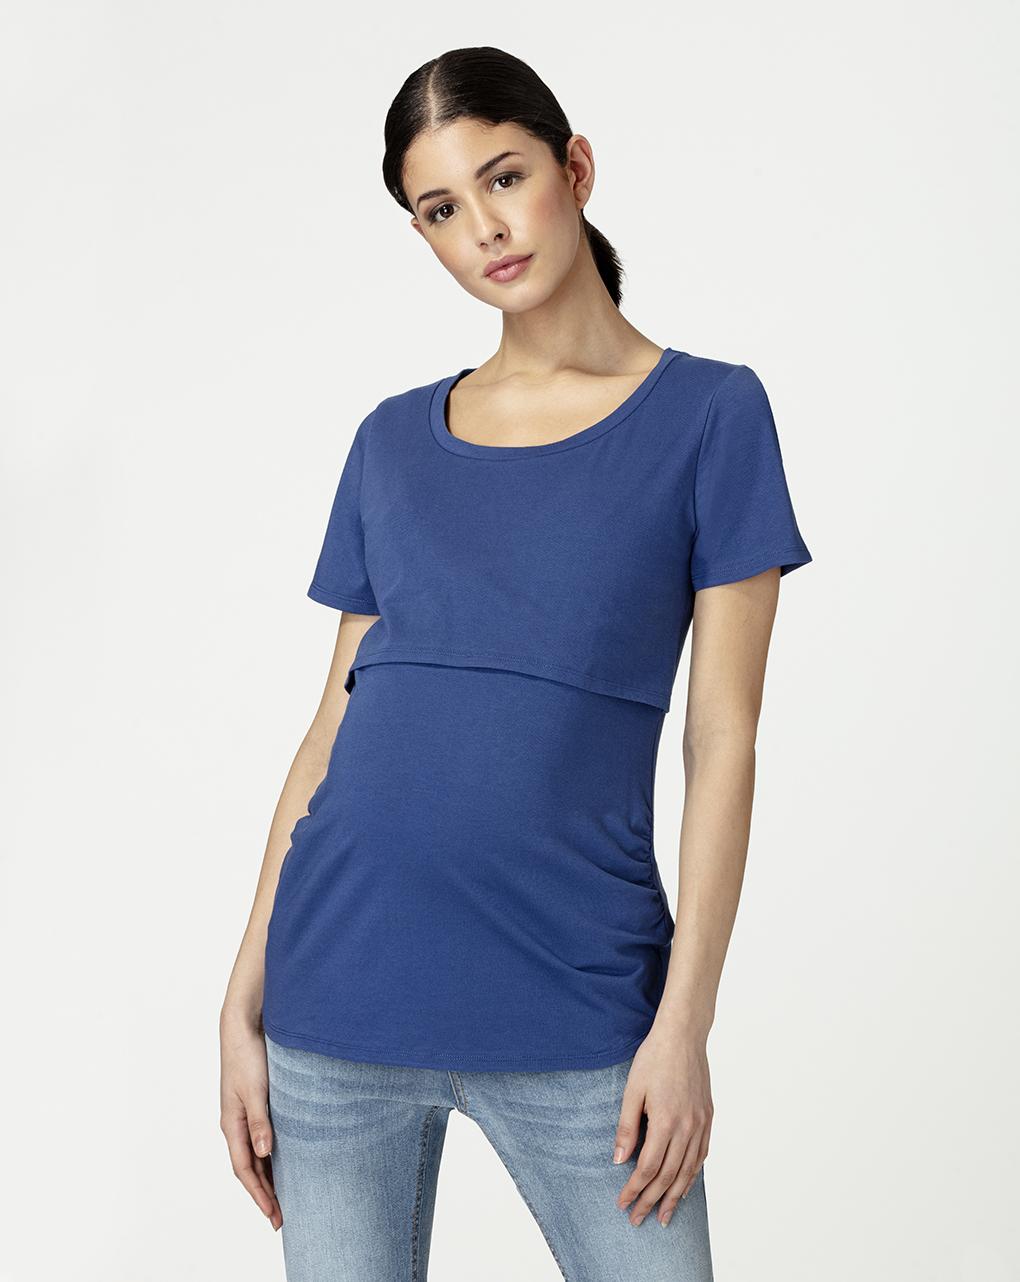 Camiseta azul de amamentação - Prénatal